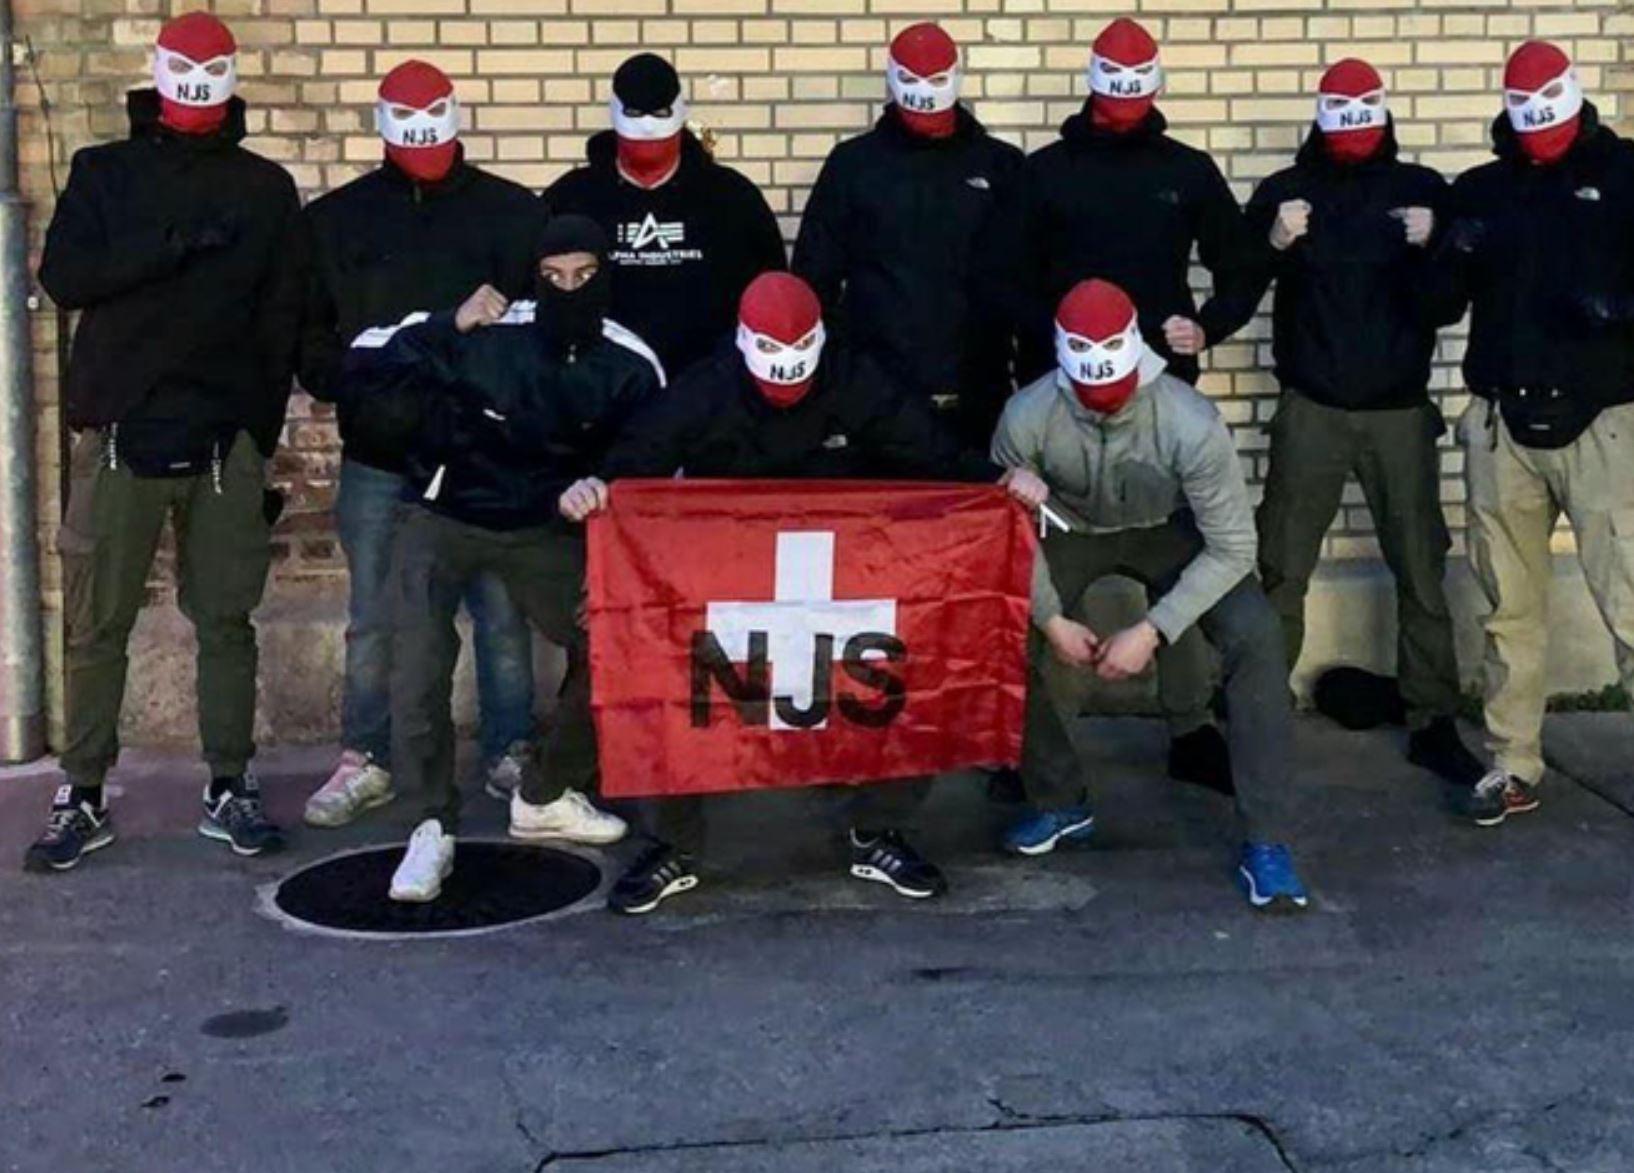 Winterthur  Sekuestrohen armë gjatë bastisjes së një grupi neonazist